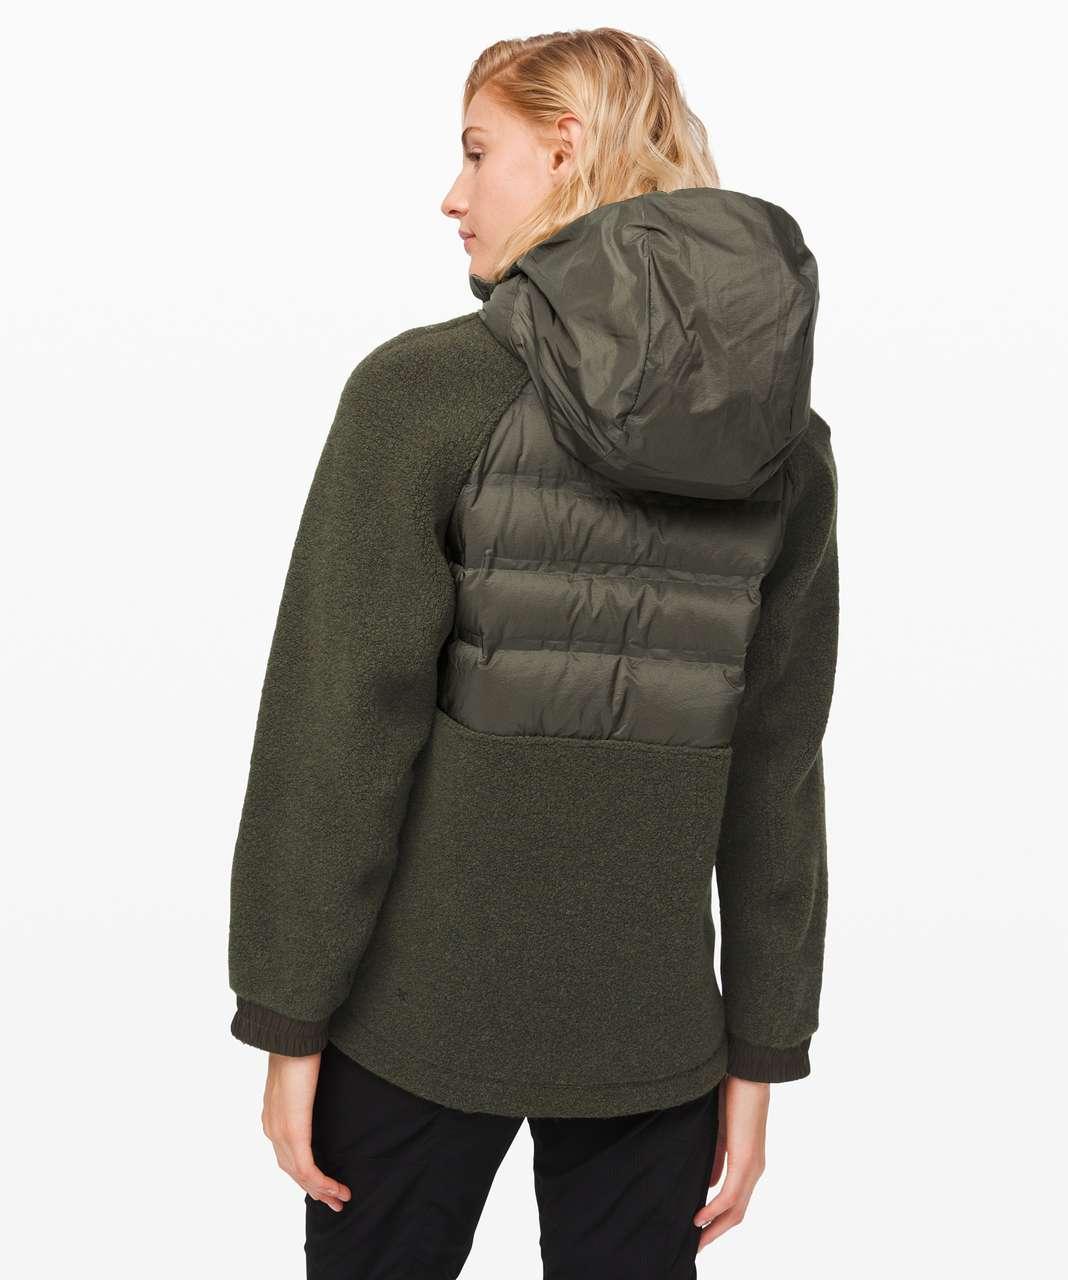 Lululemon Go Cozy Insulated Jacket - Heathered Dark Olive / Dark Olive